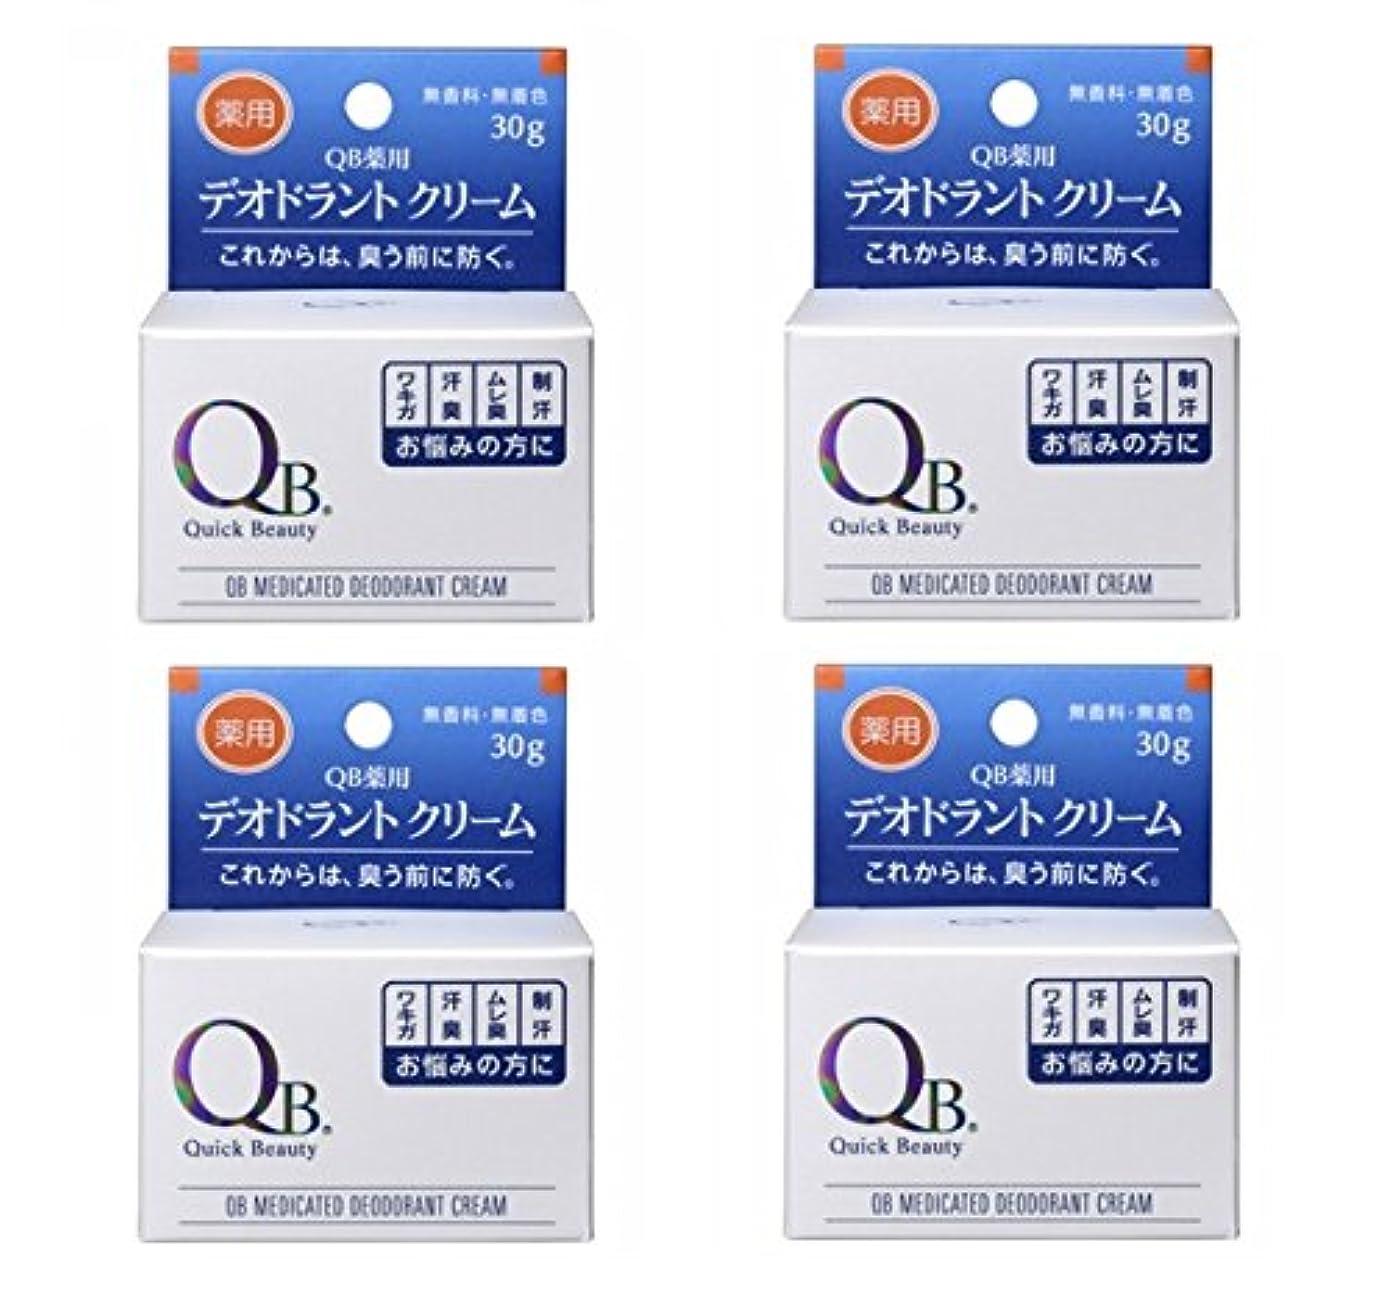 比較的倉庫スロー【×4個】 QB 薬用デオドラントクリーム 30g 【国内正規品】